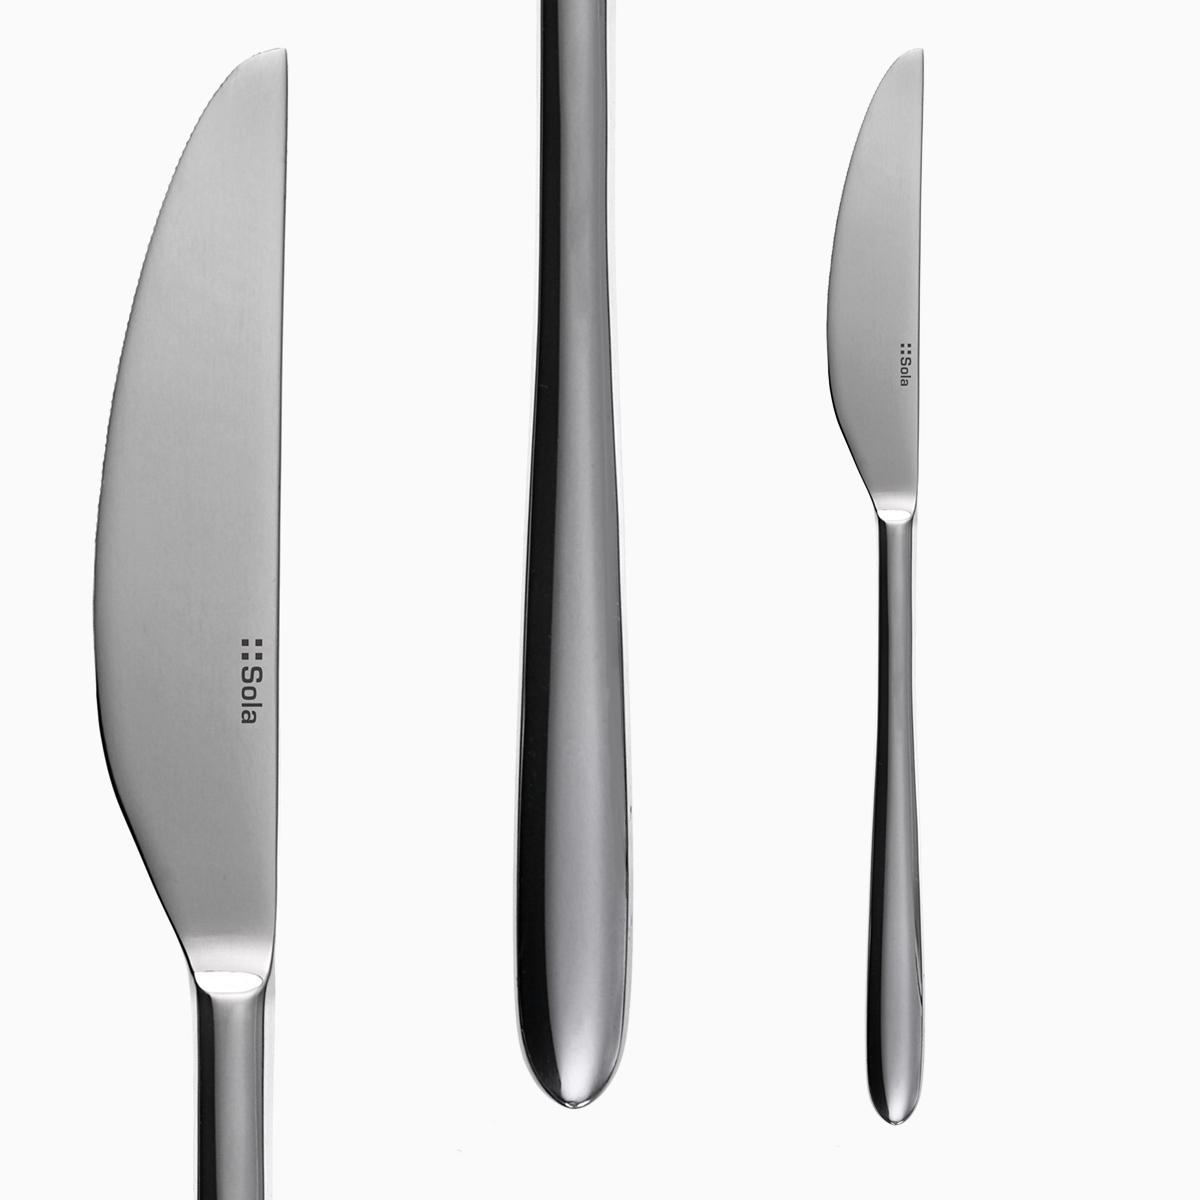 Table knife - Virginia